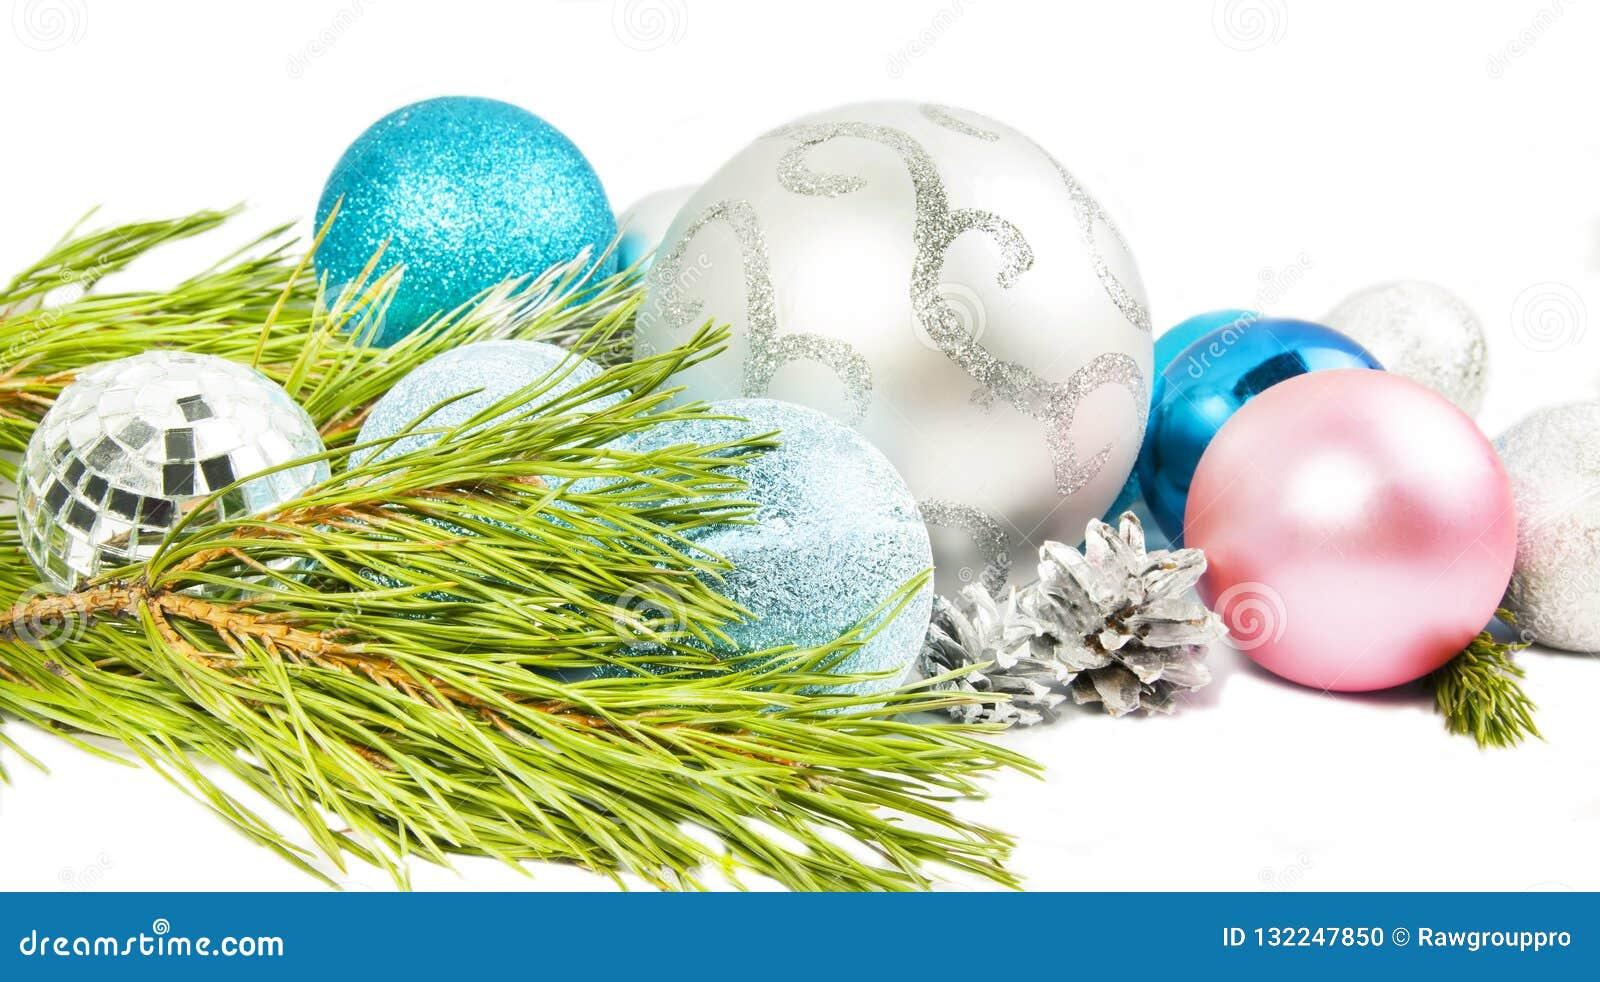 Weihnachtszusammensetzung mit Tannenbaumast, schöner Silber bal